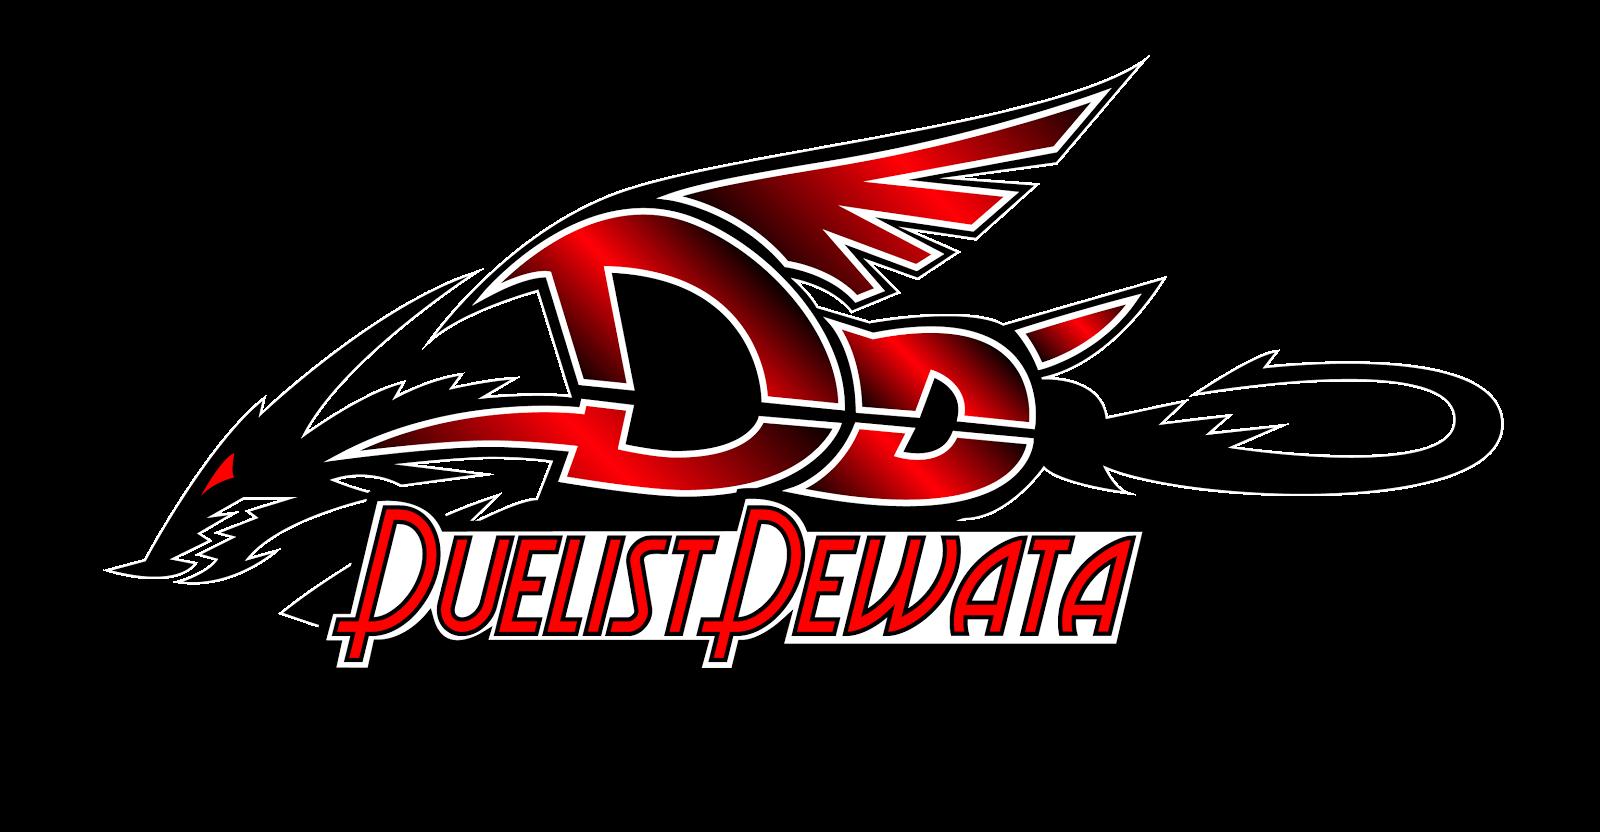 Duelist Dewata